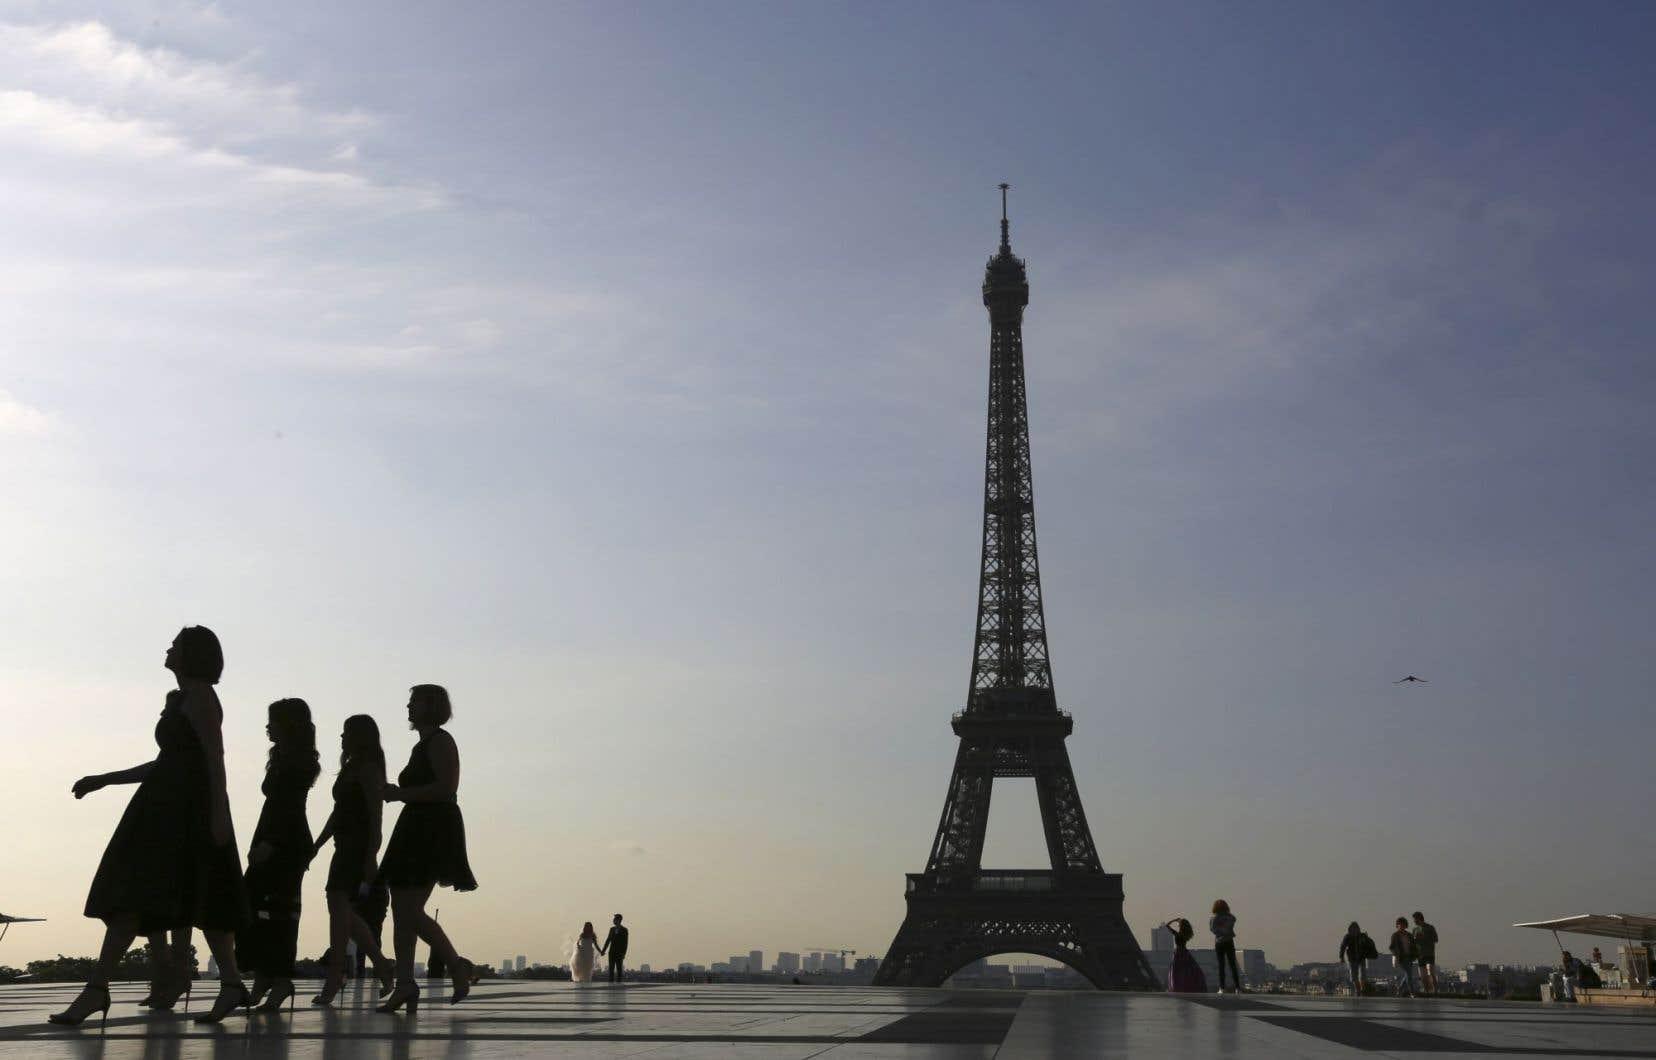 «Personne ne contestera aujourd'hui le fait que la France vit un déclin économique depuis les deux dernières décennies», remarque l'auteur.